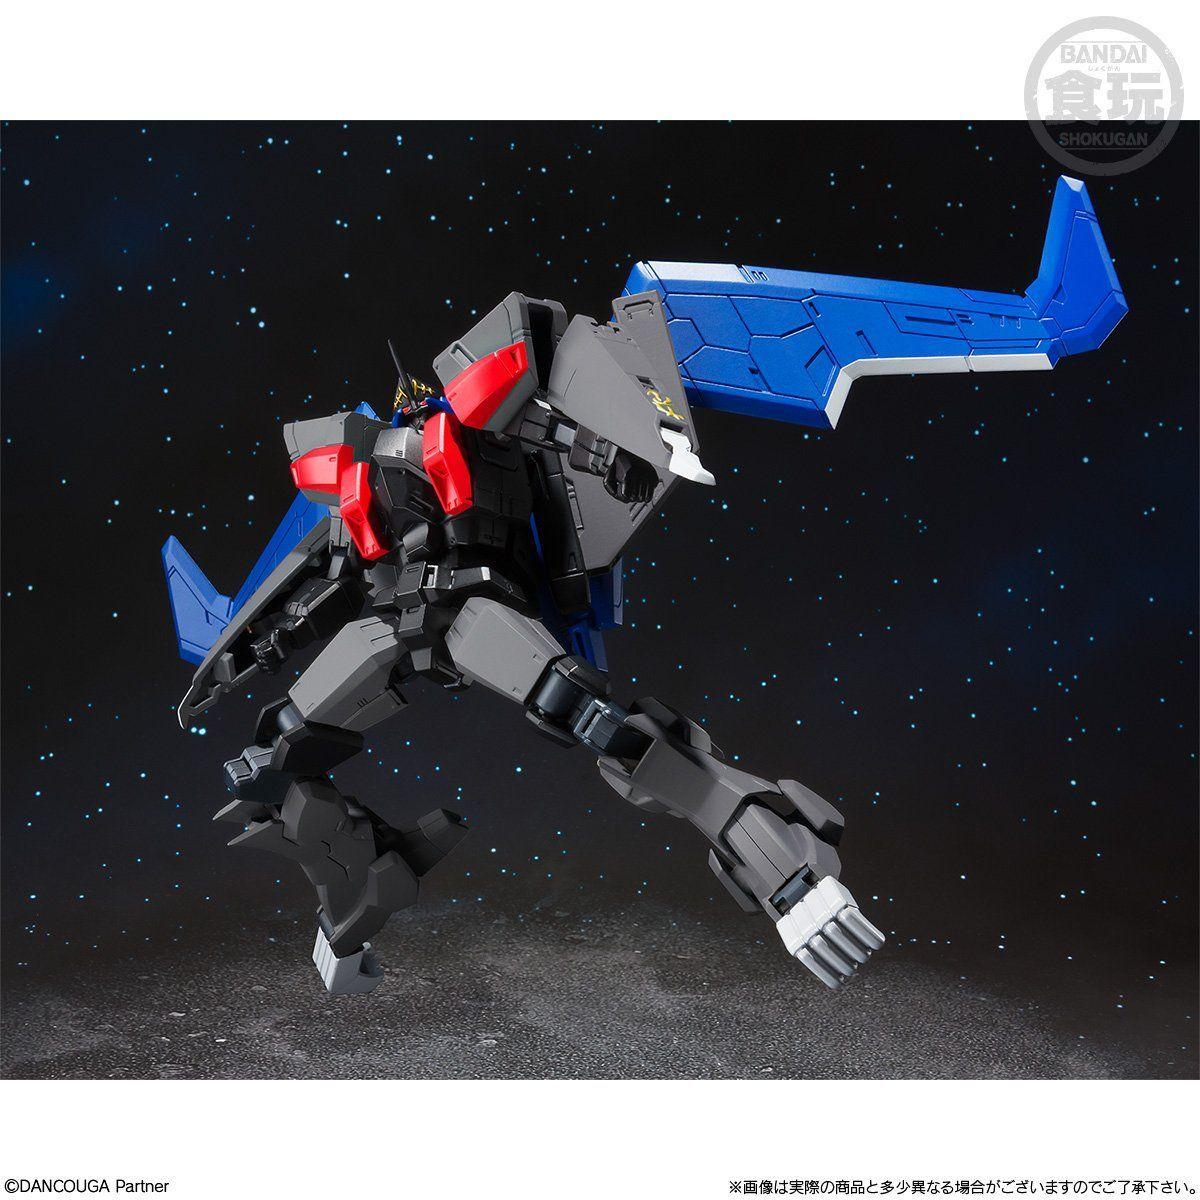 スーパーミニプラ 超獣機神ダンクーガ ブラックウイング06